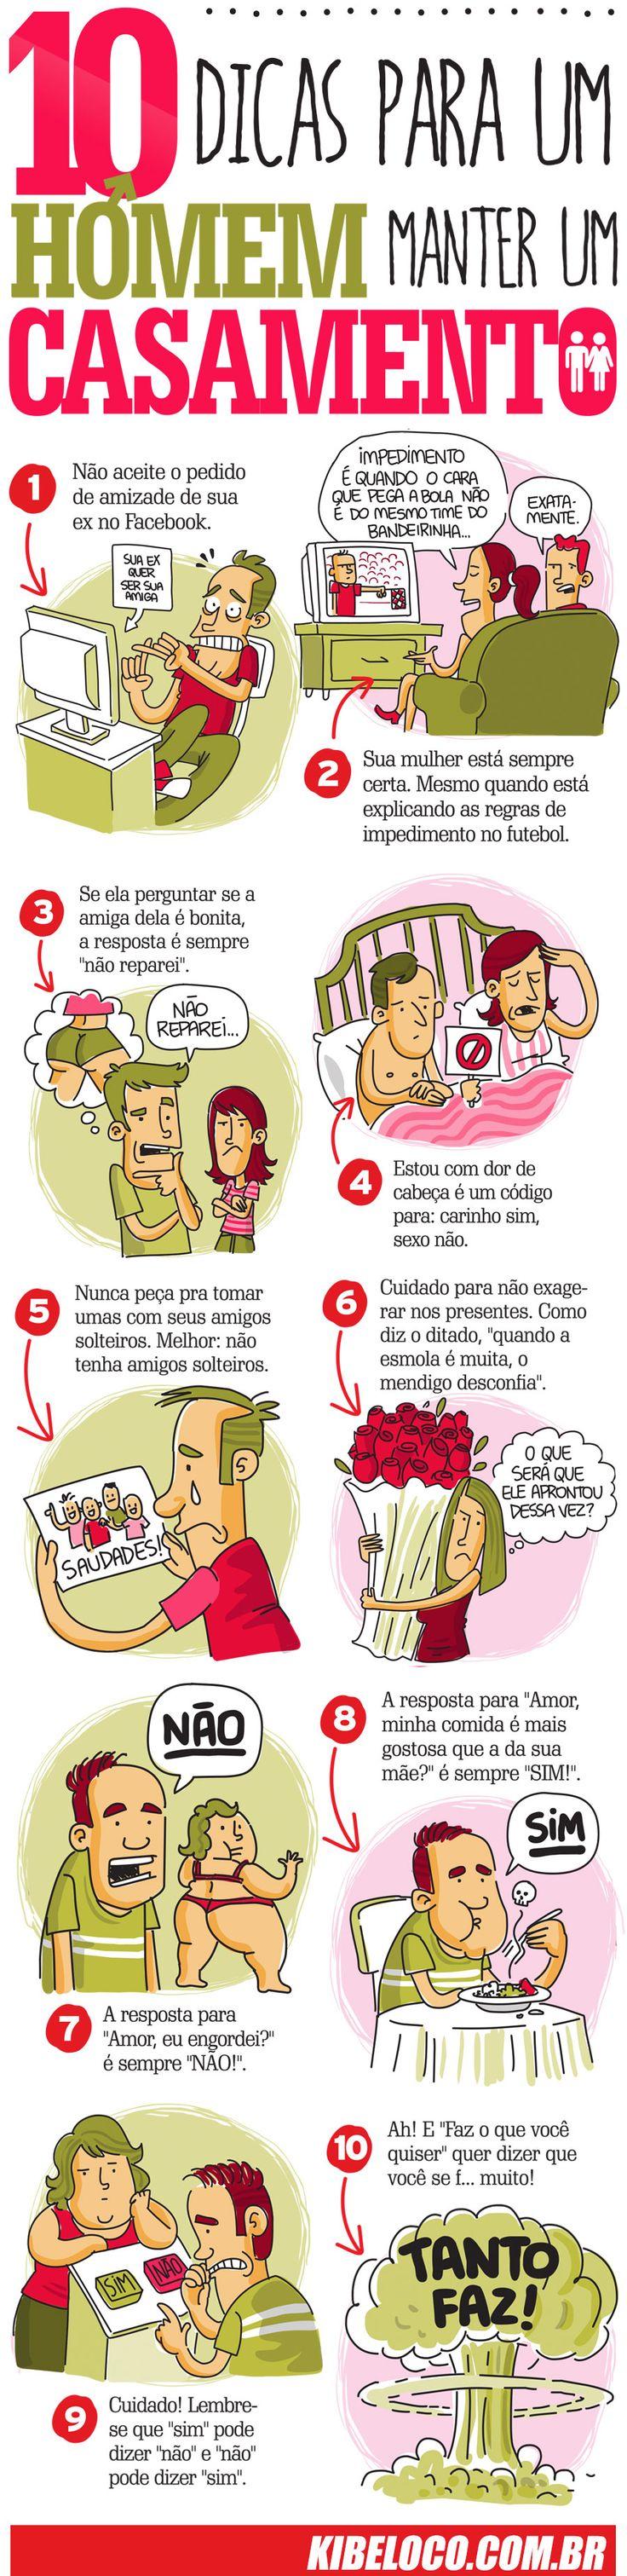 Top Kibe Loco - maneiras para um homem manter seu casamento.